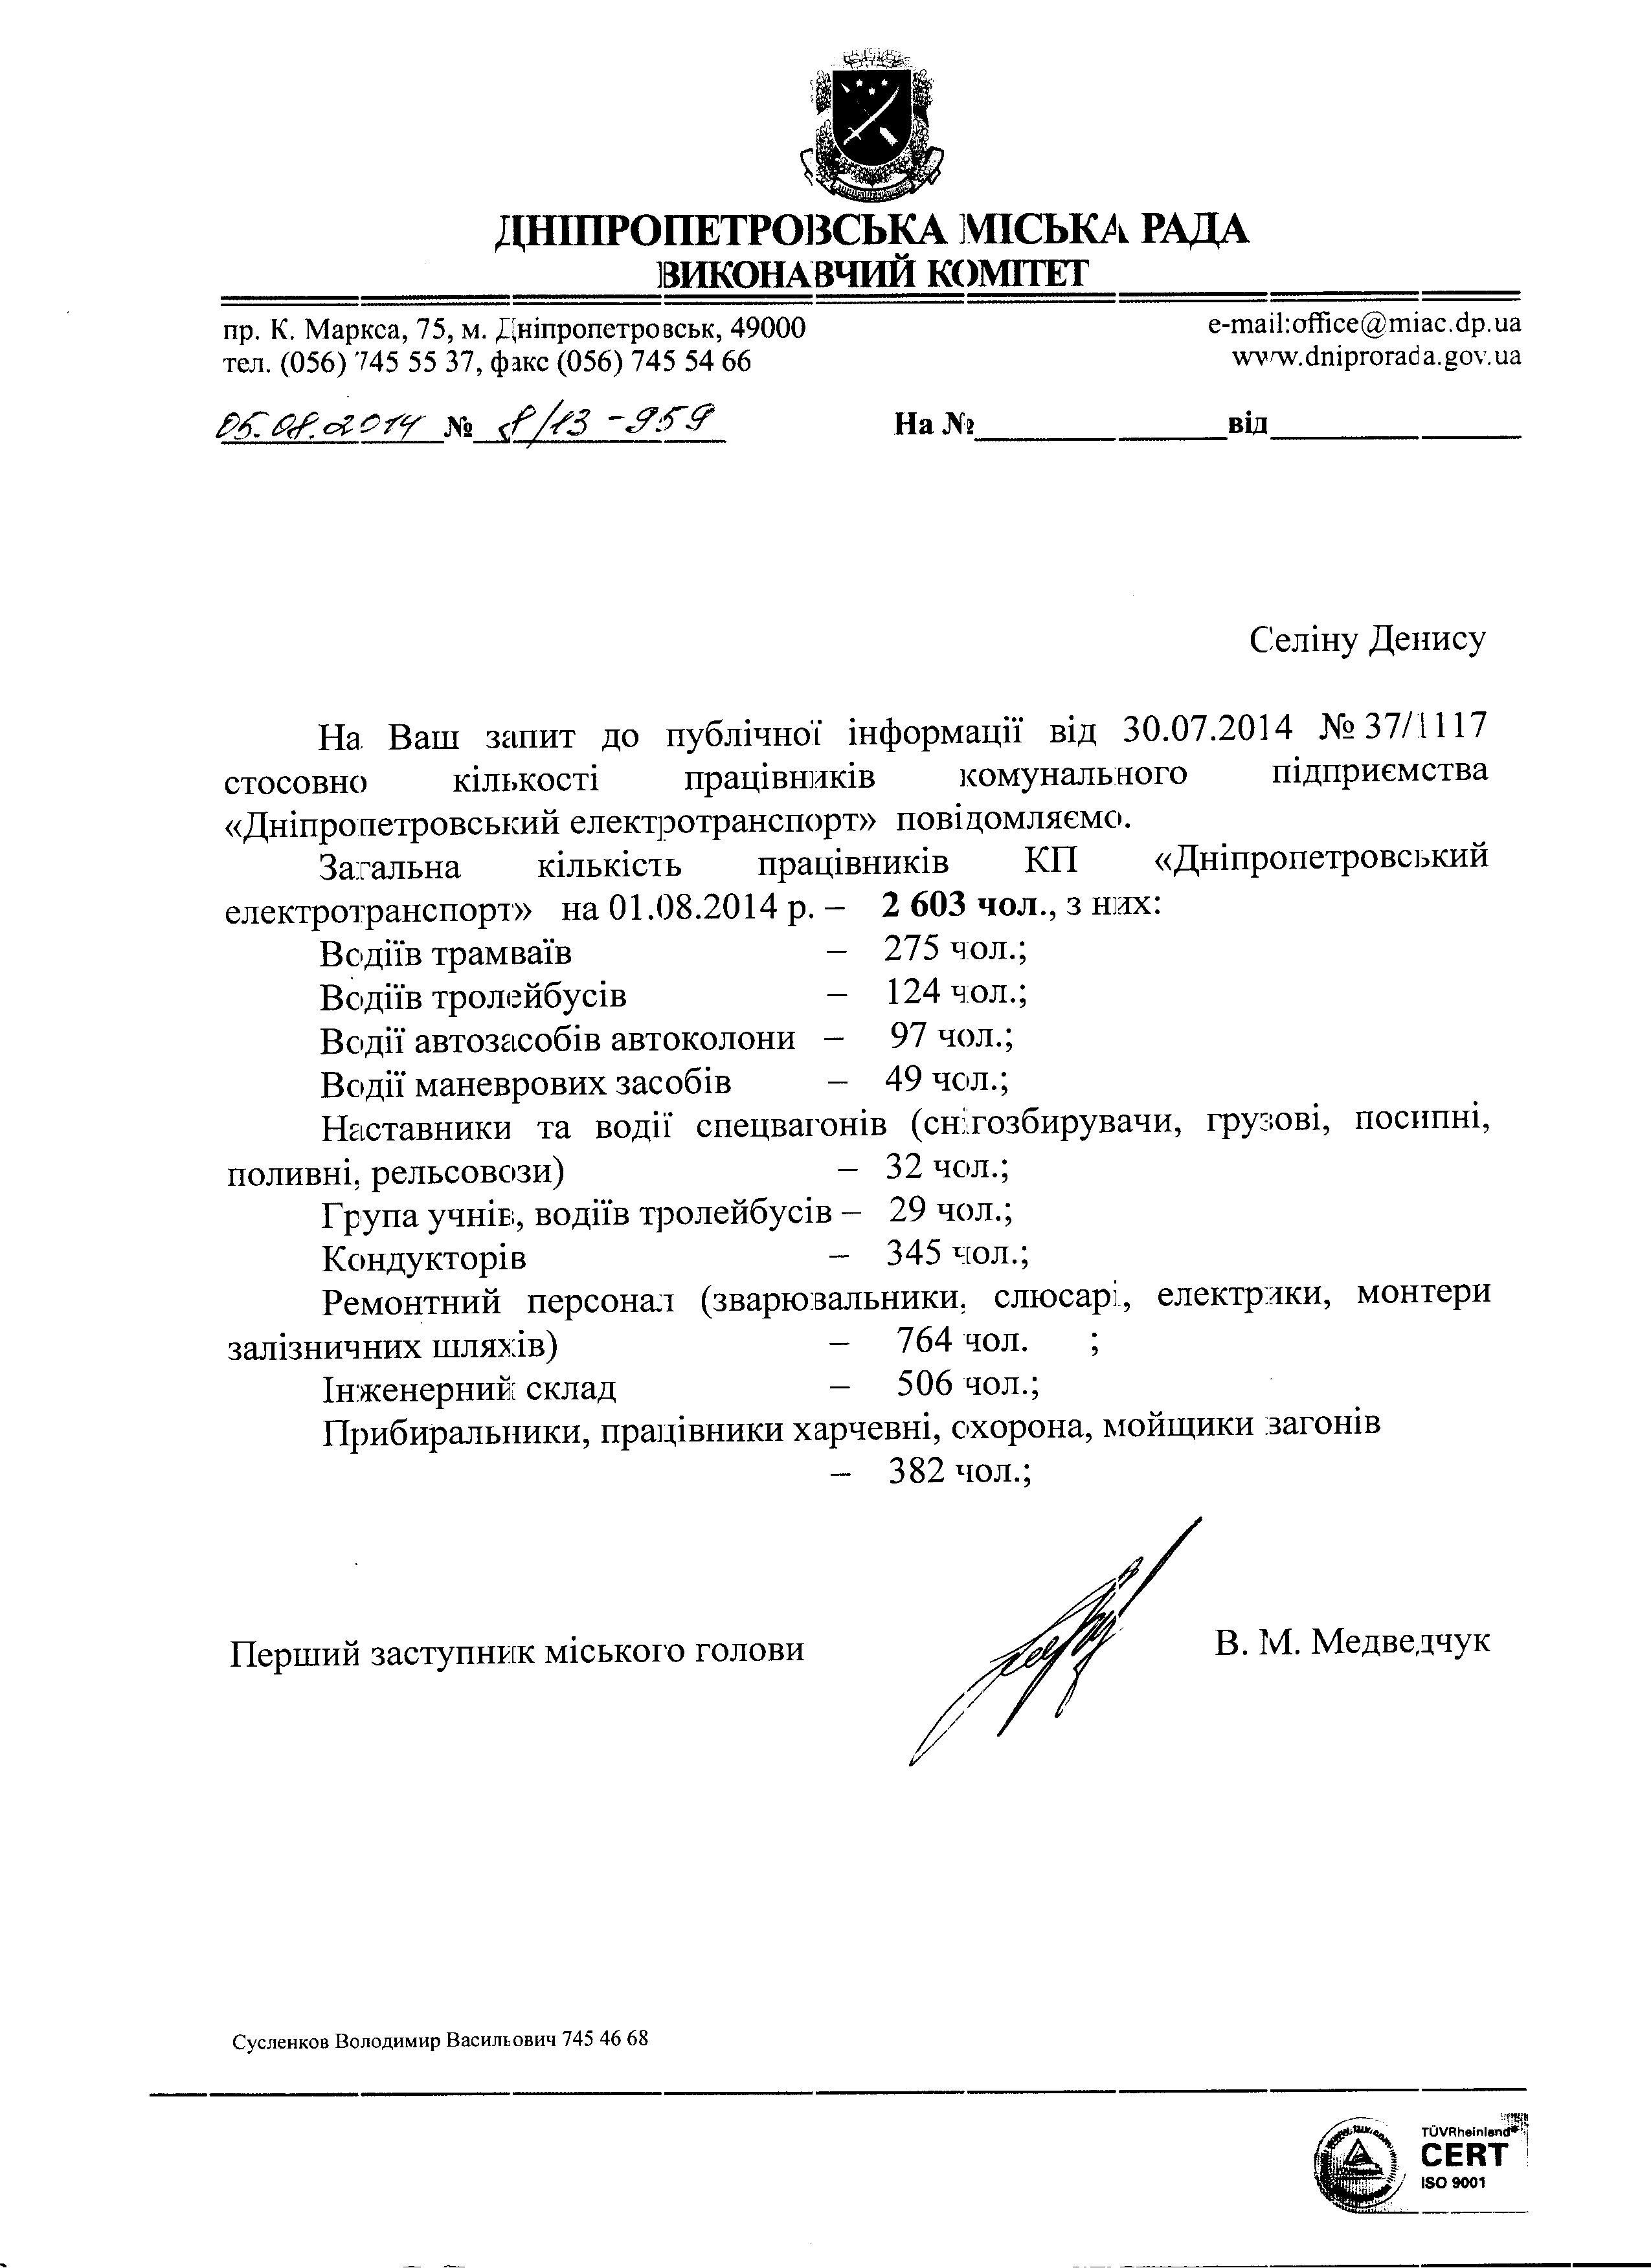 Про Дніпропетровський міський електротранспорт: скільки і хто там працює?